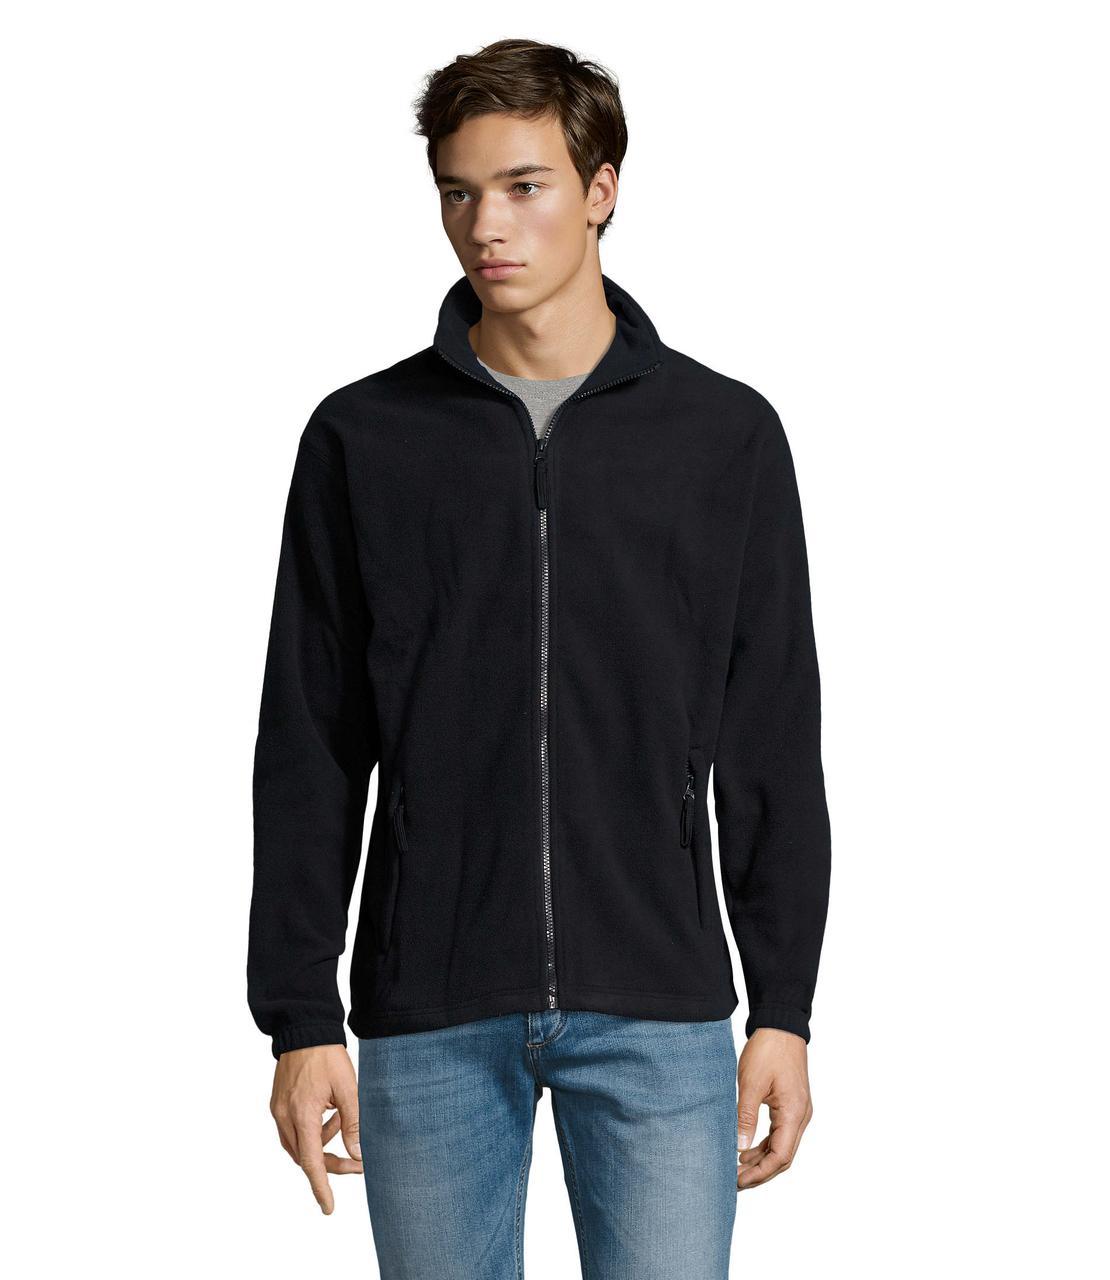 Флиска Флисовая куртка - фото 1